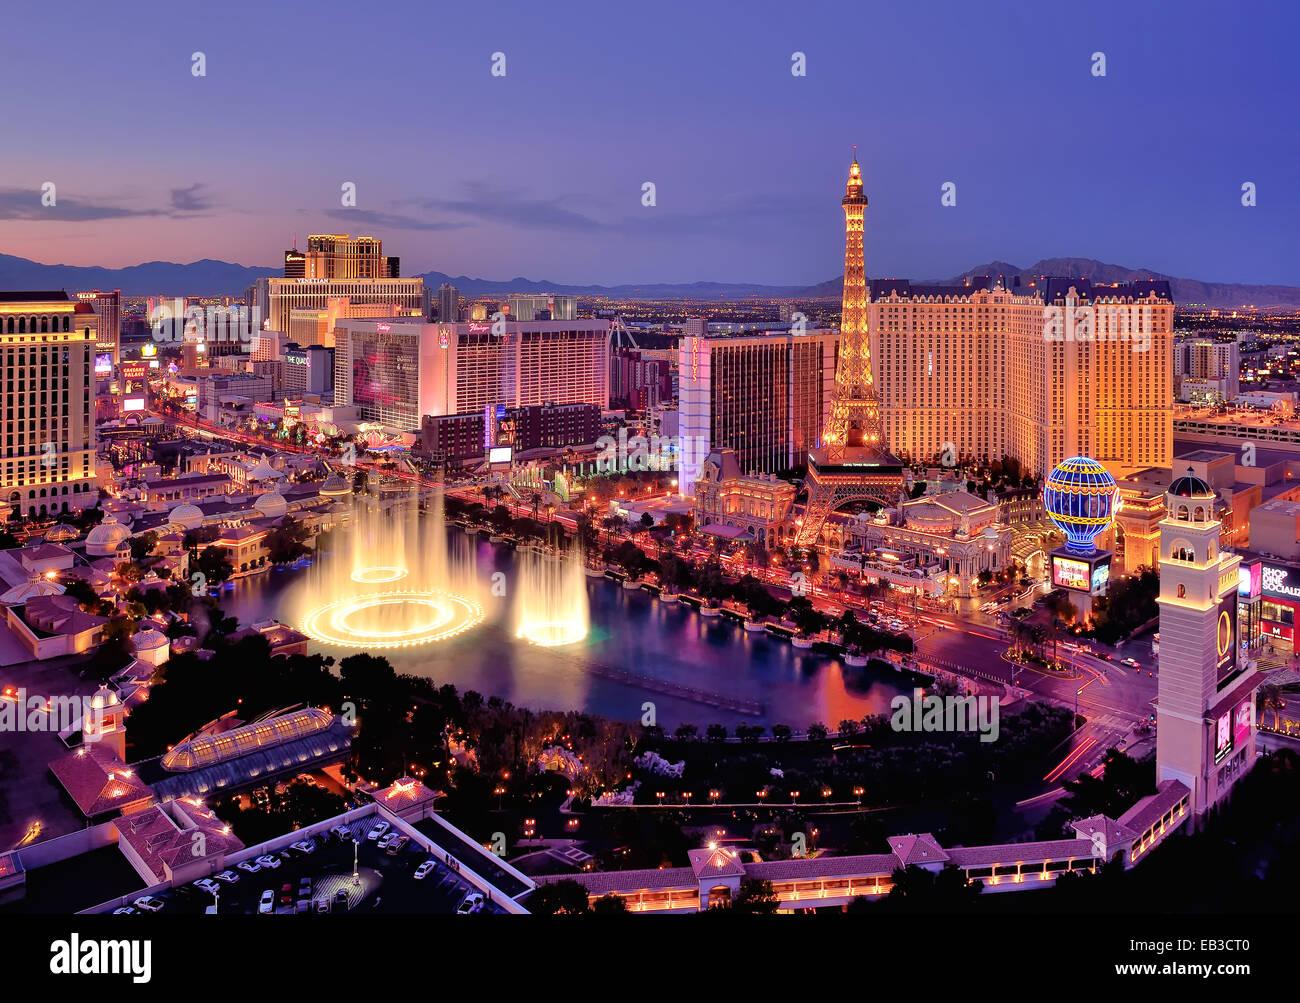 Skyline della città di notte con Bellagio Hotel fontane ad acqua, Las Vegas, Nevada, America, STATI UNITI D'AMERICA Immagini Stock